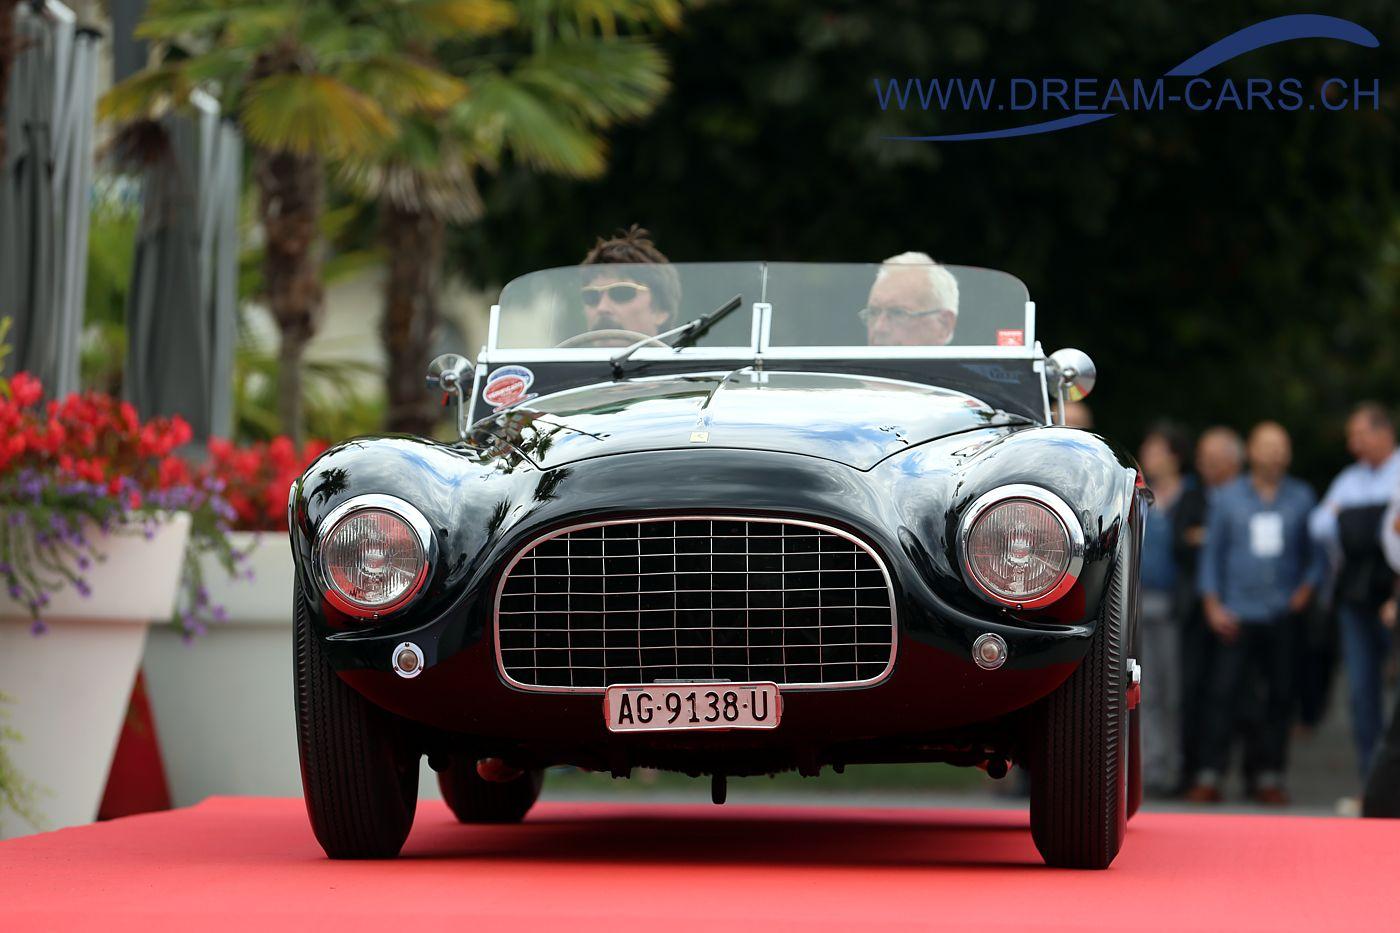 Concours d'Excellence Luzern, 17. September 2016. Ferrari 340 America von 1950. Louis Frey jun. (am Lenkrad) und der Senior auf dem Beifahrersitz.